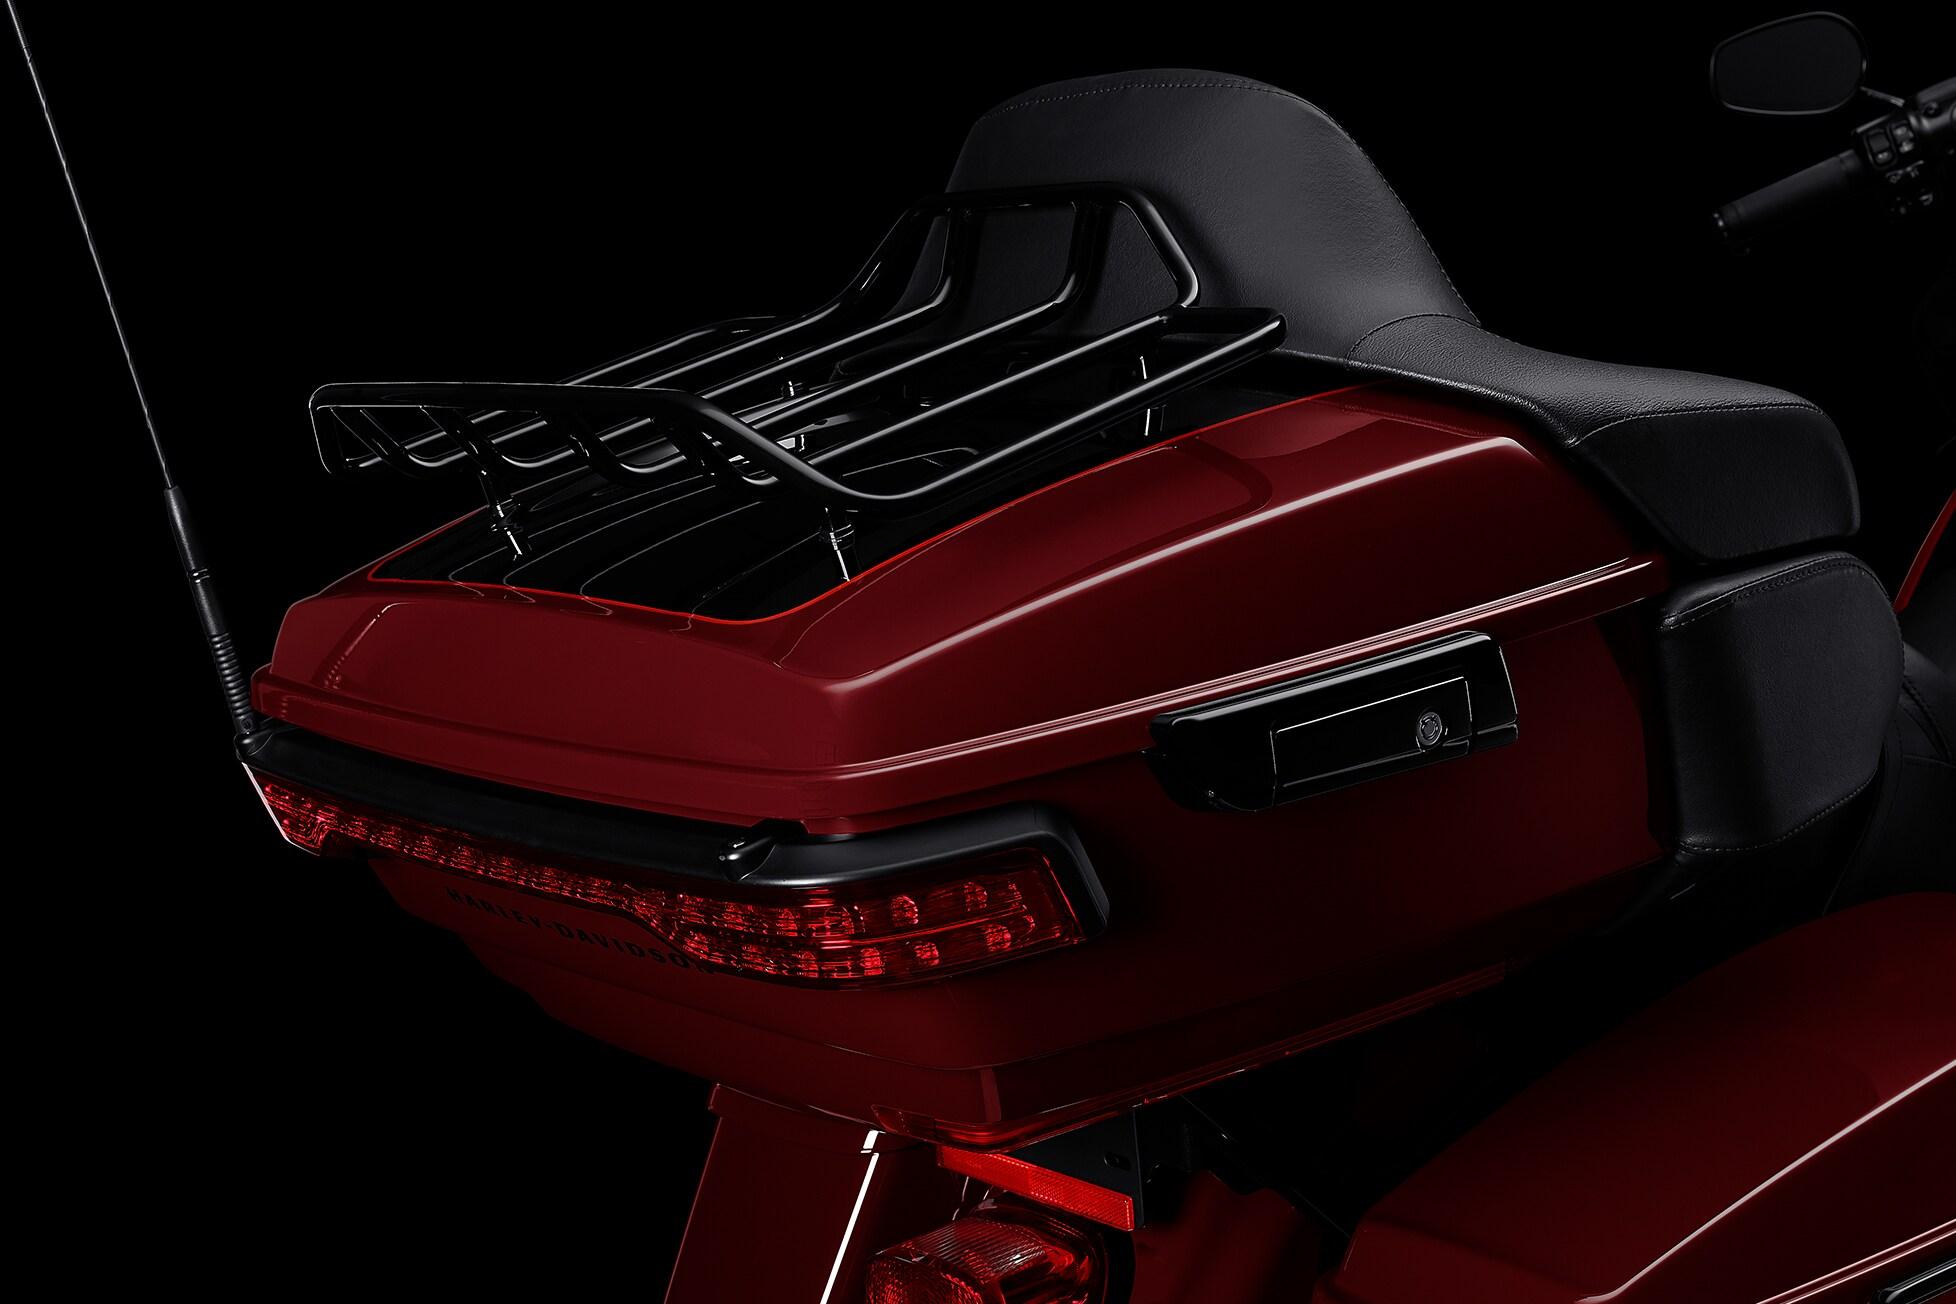 Um bagageiro Tour-Pak elegante, porém espaçoso, que acomoda facilmente os capacetes do motociclista e do passageiro, além de outros itens de viagem.